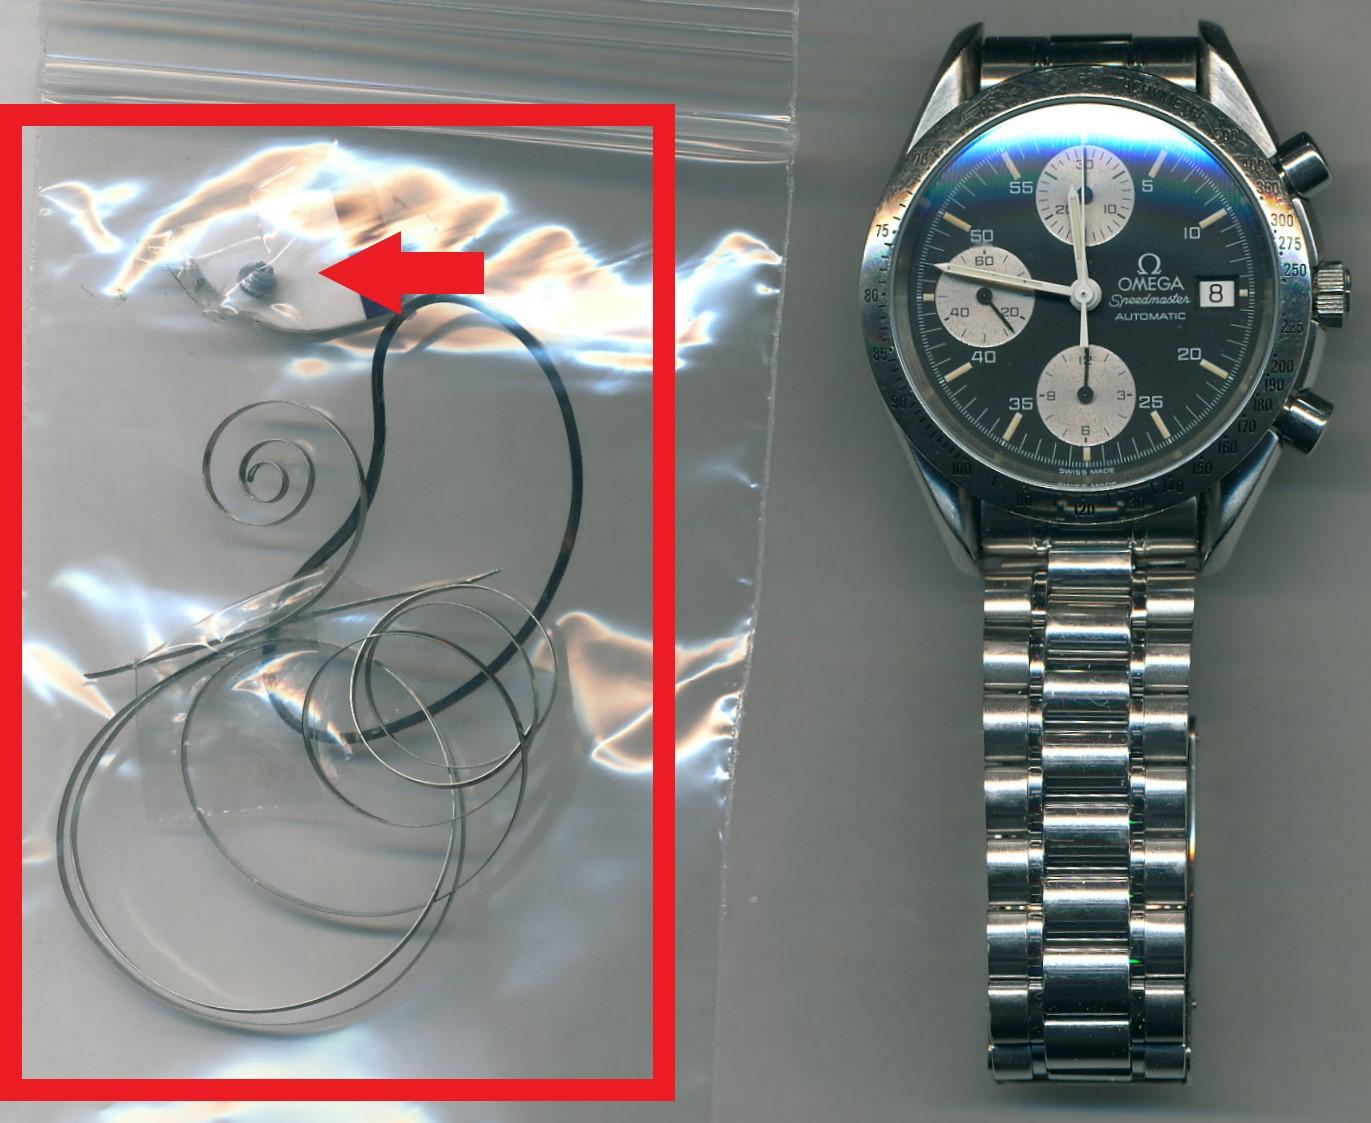 オメガ(OMEGA)スピードマスター (Rif.3511-50/デイト)のオーバーホール・香箱芯交換・ゼンマイ交換・パッキン交換を承らせて頂きました